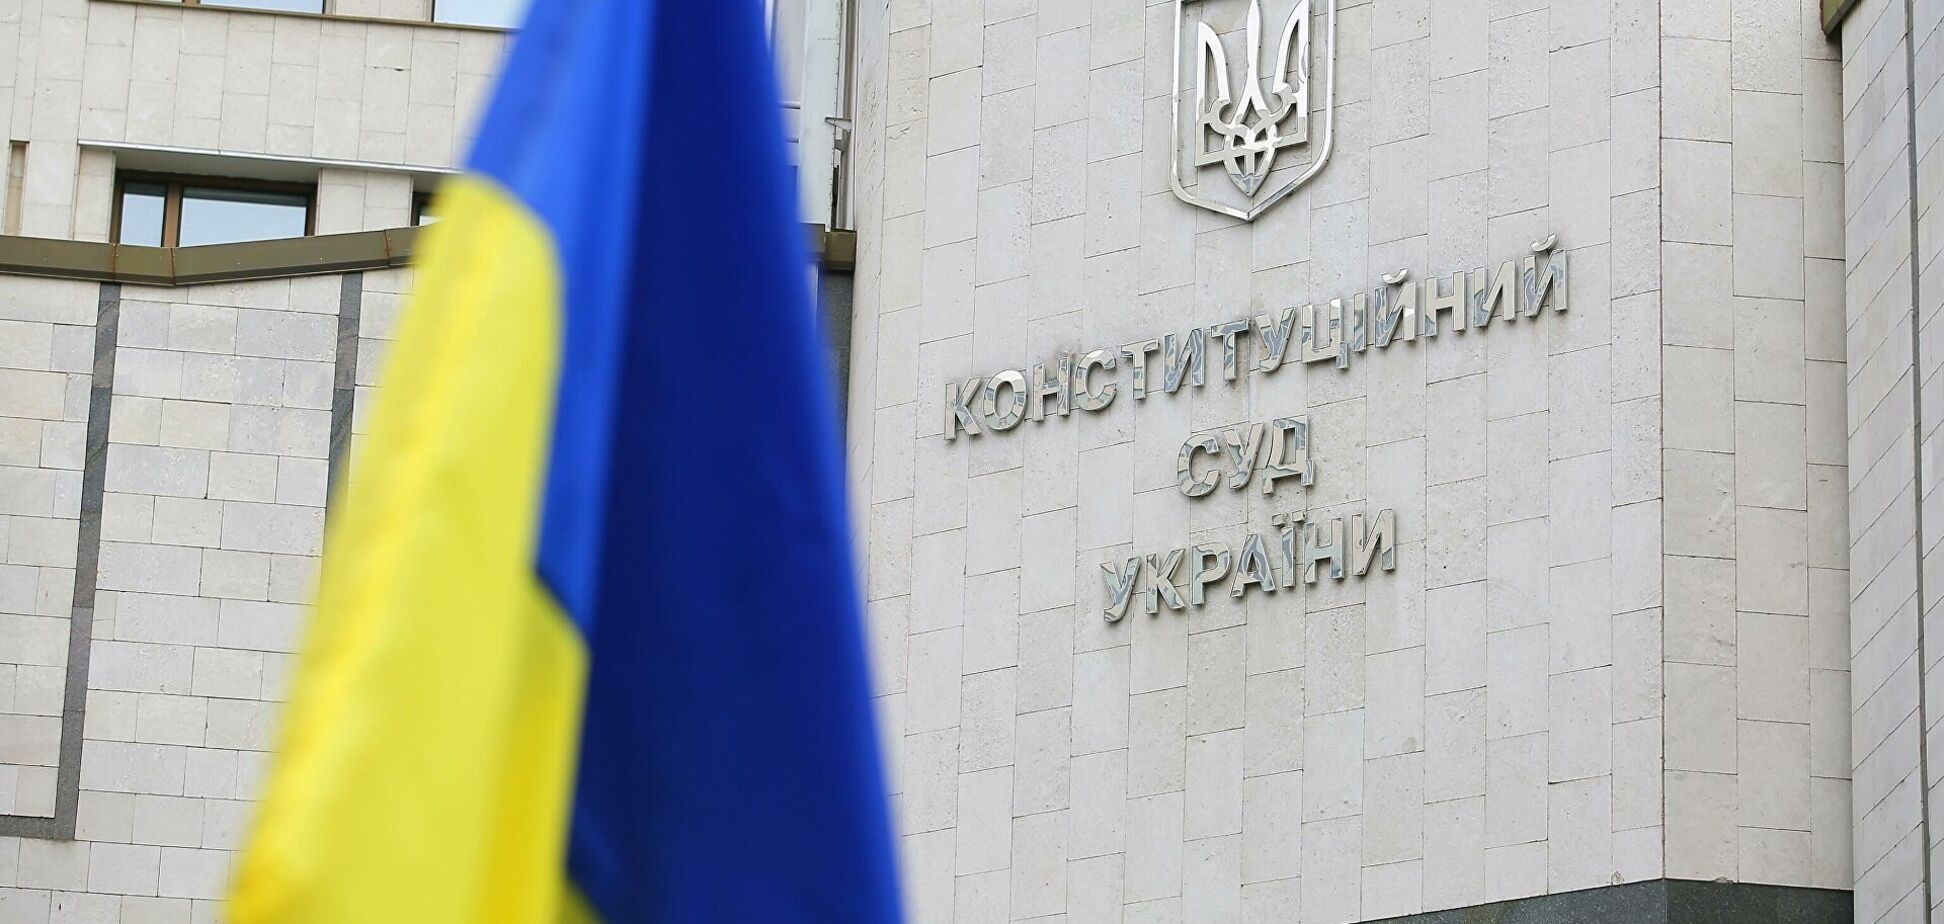 Суддів КСУ звинуватили у впливі з боку РФ, 'Голос' вимагає доказів